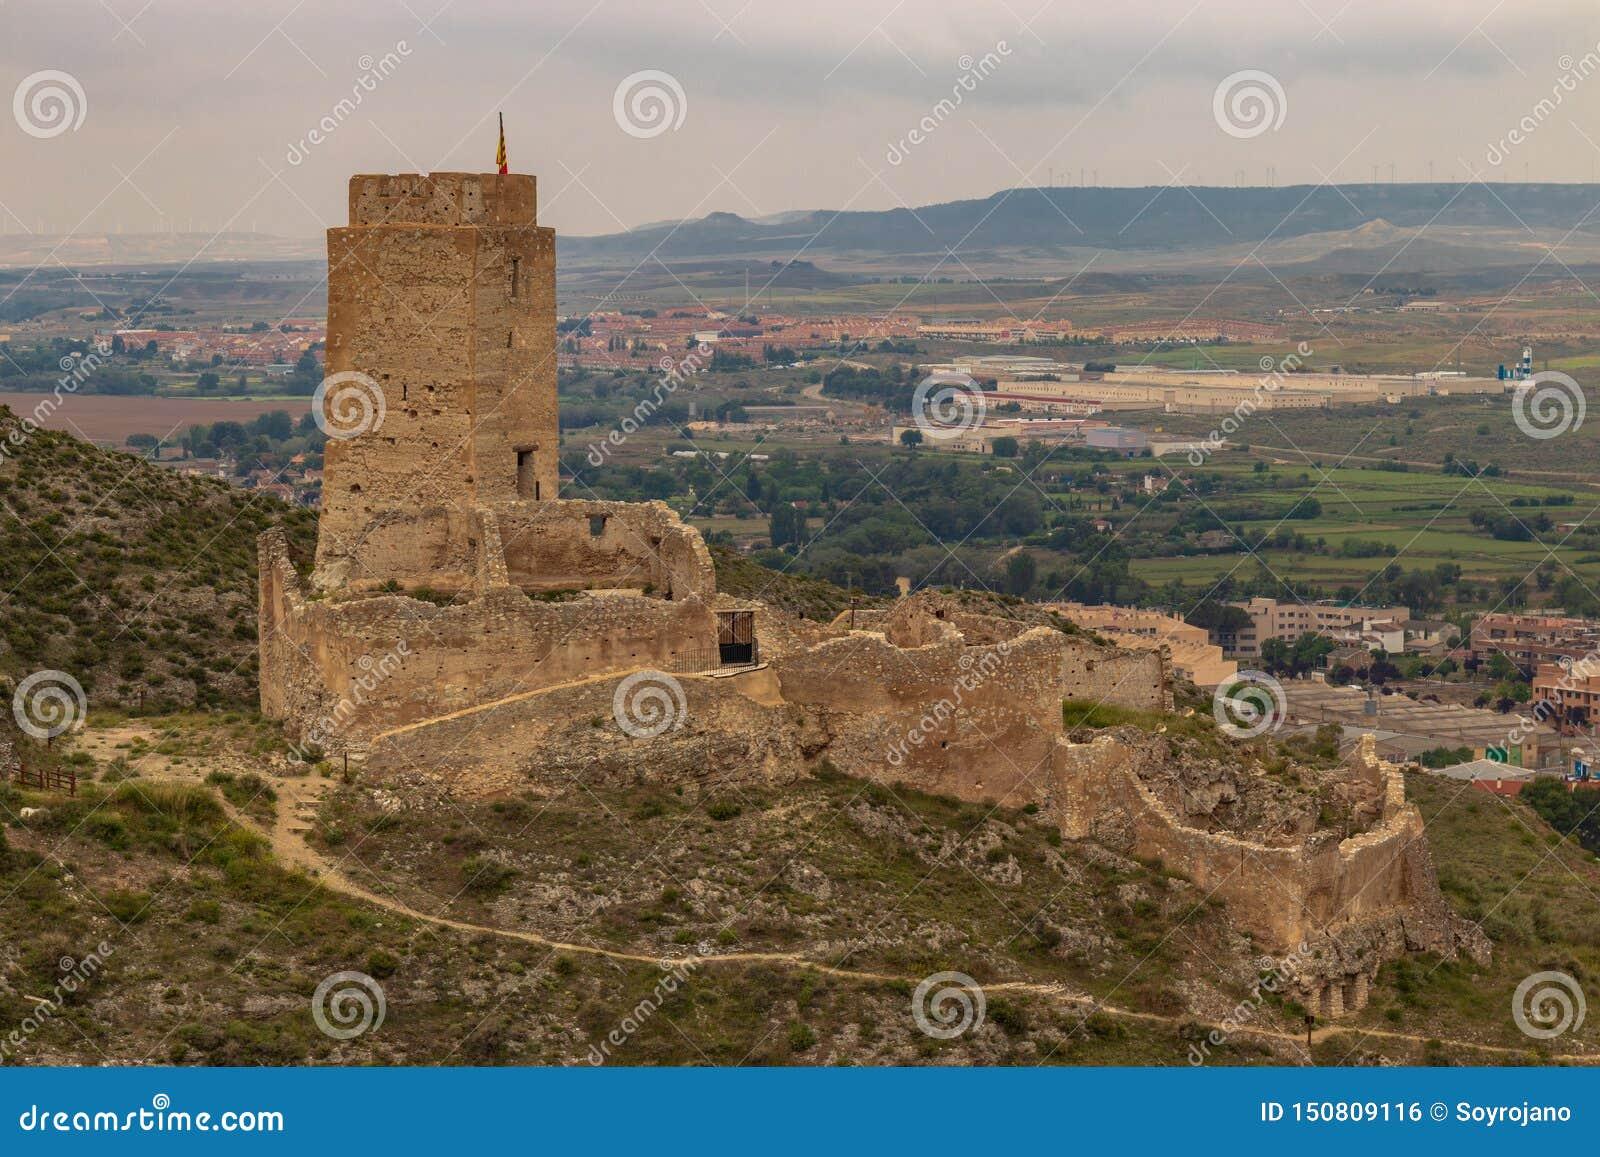 Cadrete 'kasteel oud Spaans kasteel